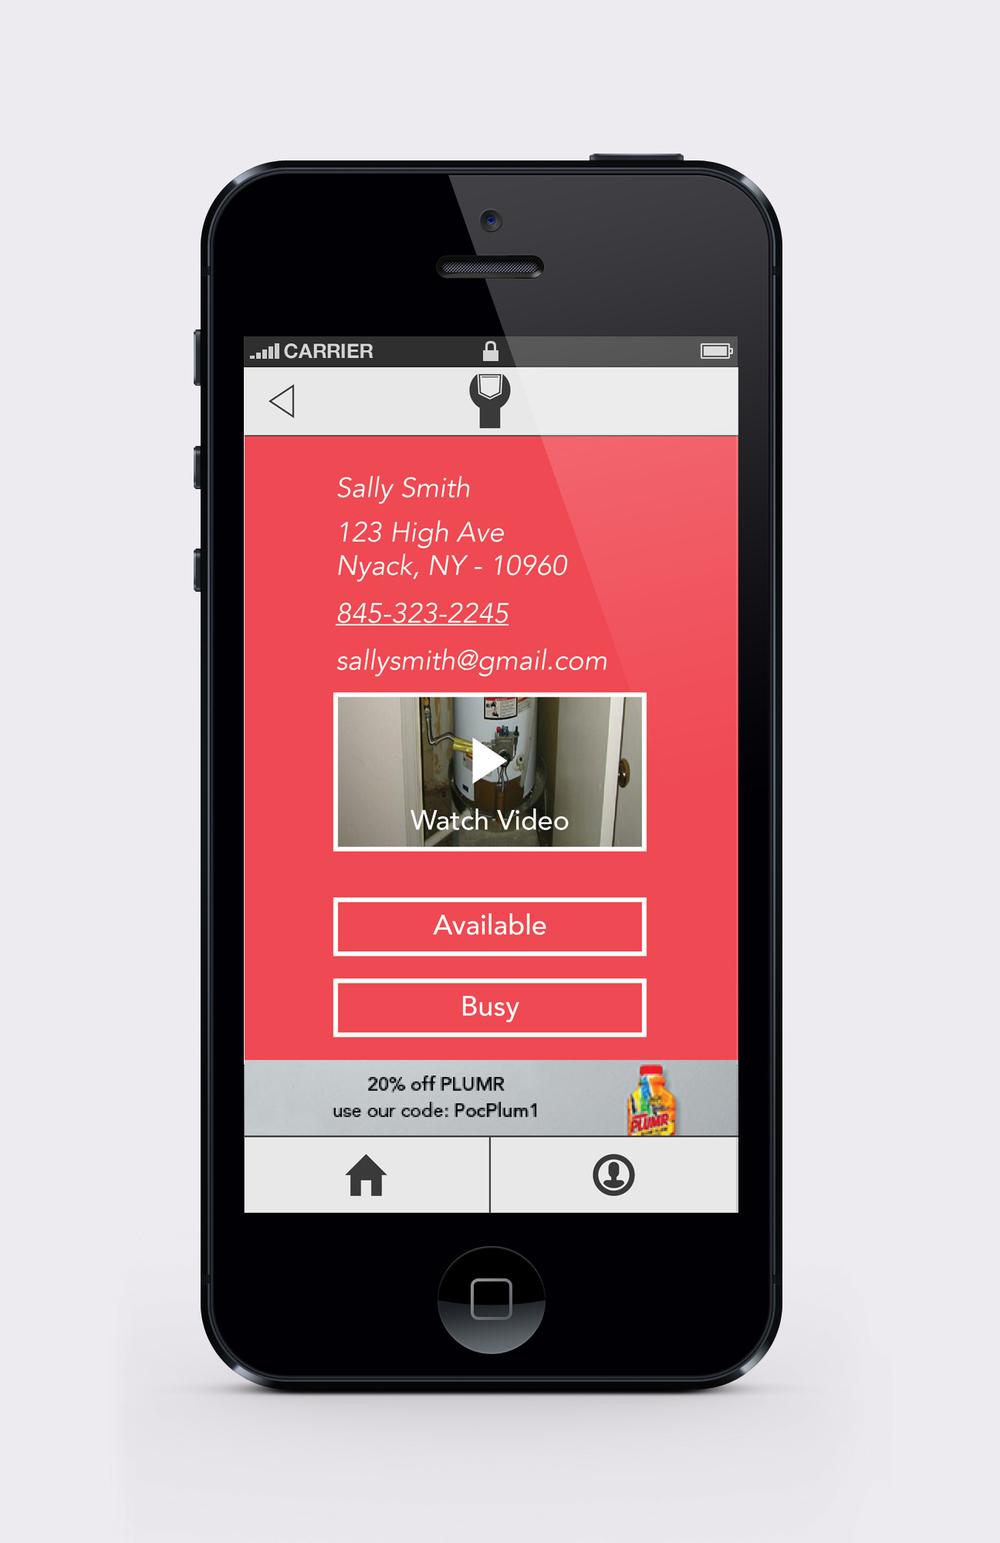 Pocket Plumber plumber alert details screen